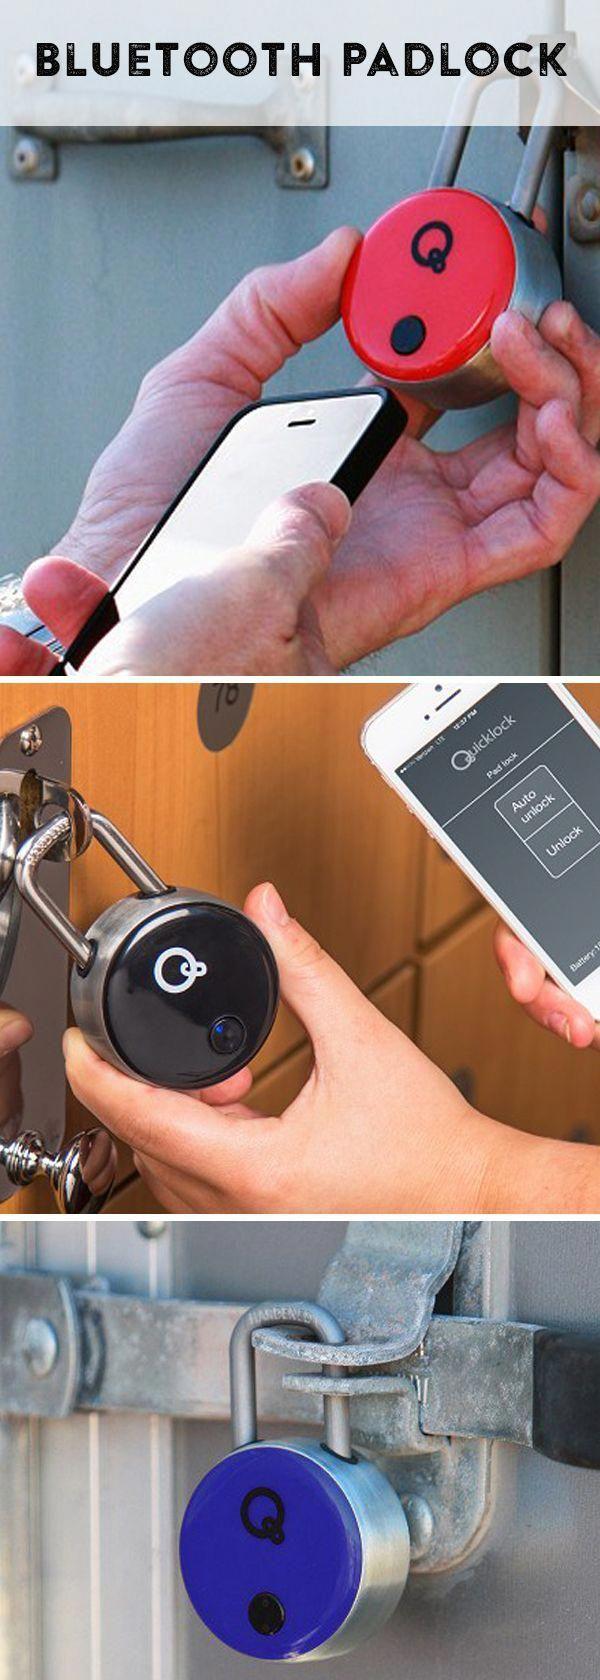 Tech Gadgets #ExpensiveSpyGadgets  #||Gadgets||